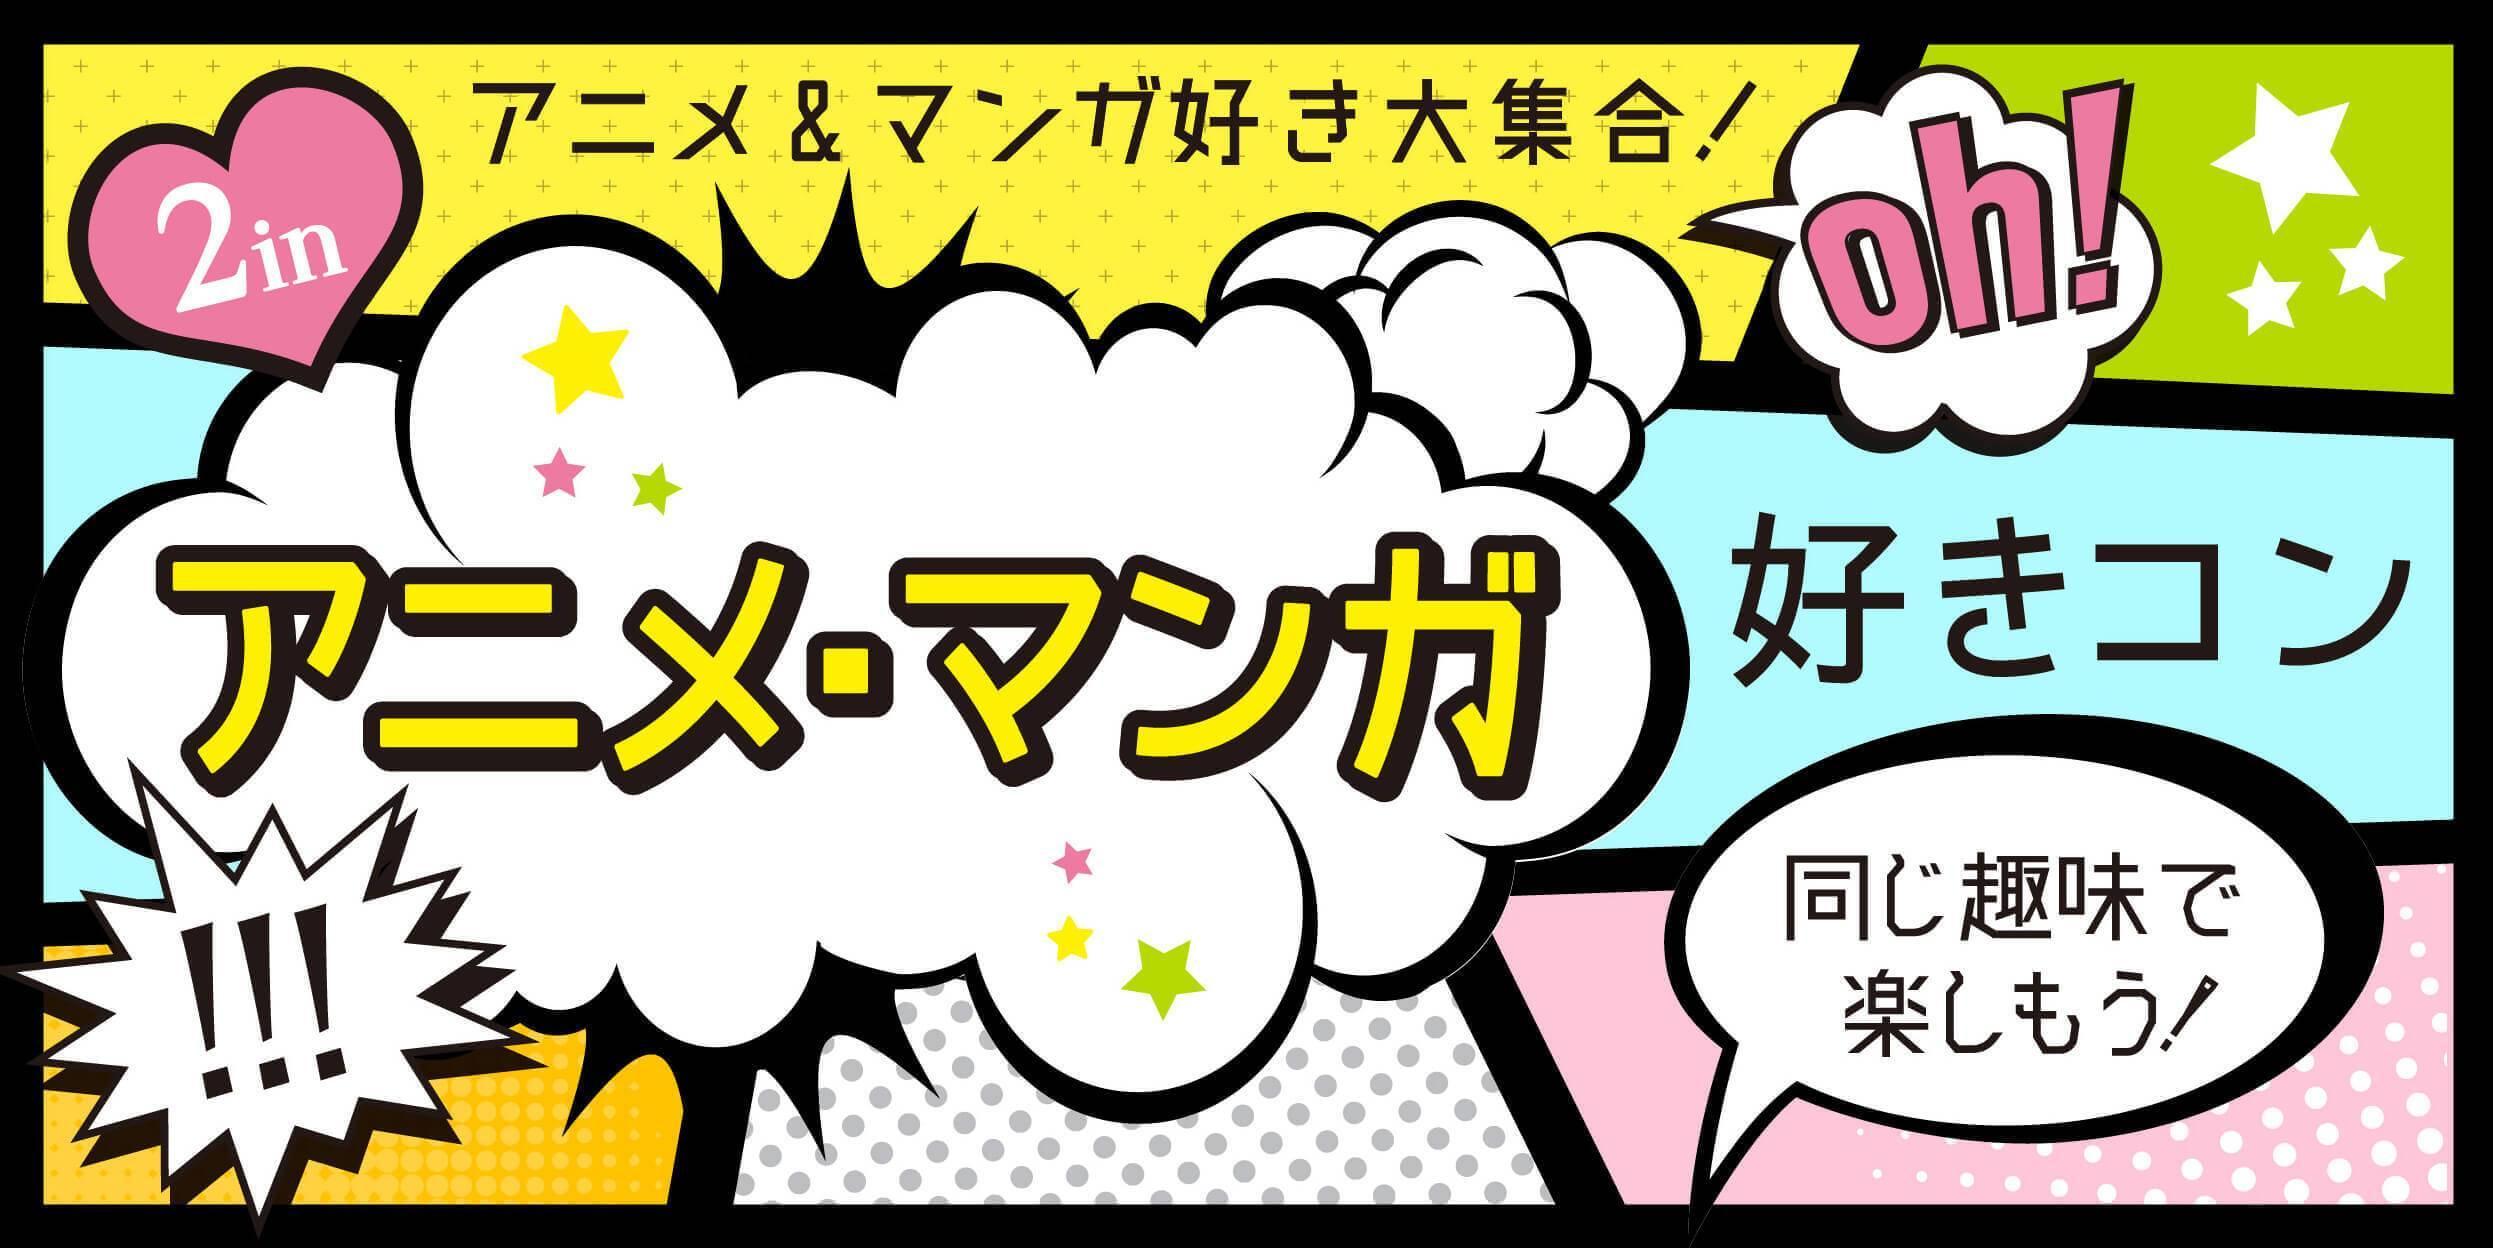 【倉敷のプチ街コン】合同会社ツイン主催 2017年6月11日